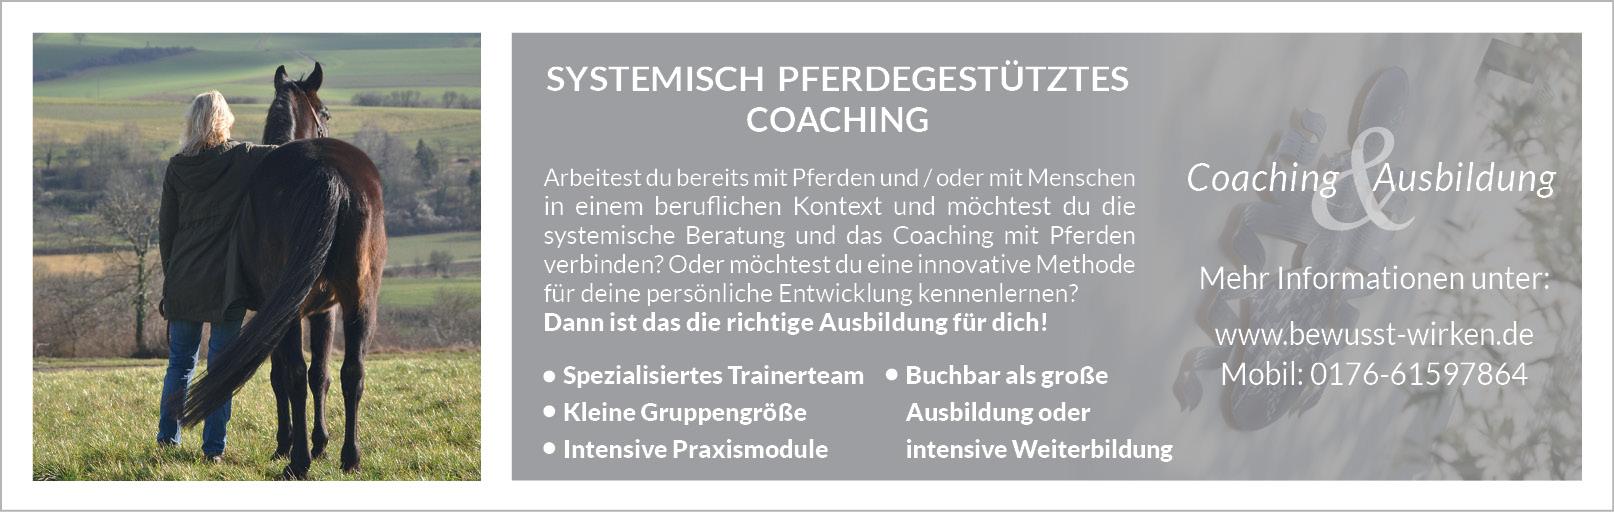 Systemisch Pferdegestütztes Coaching